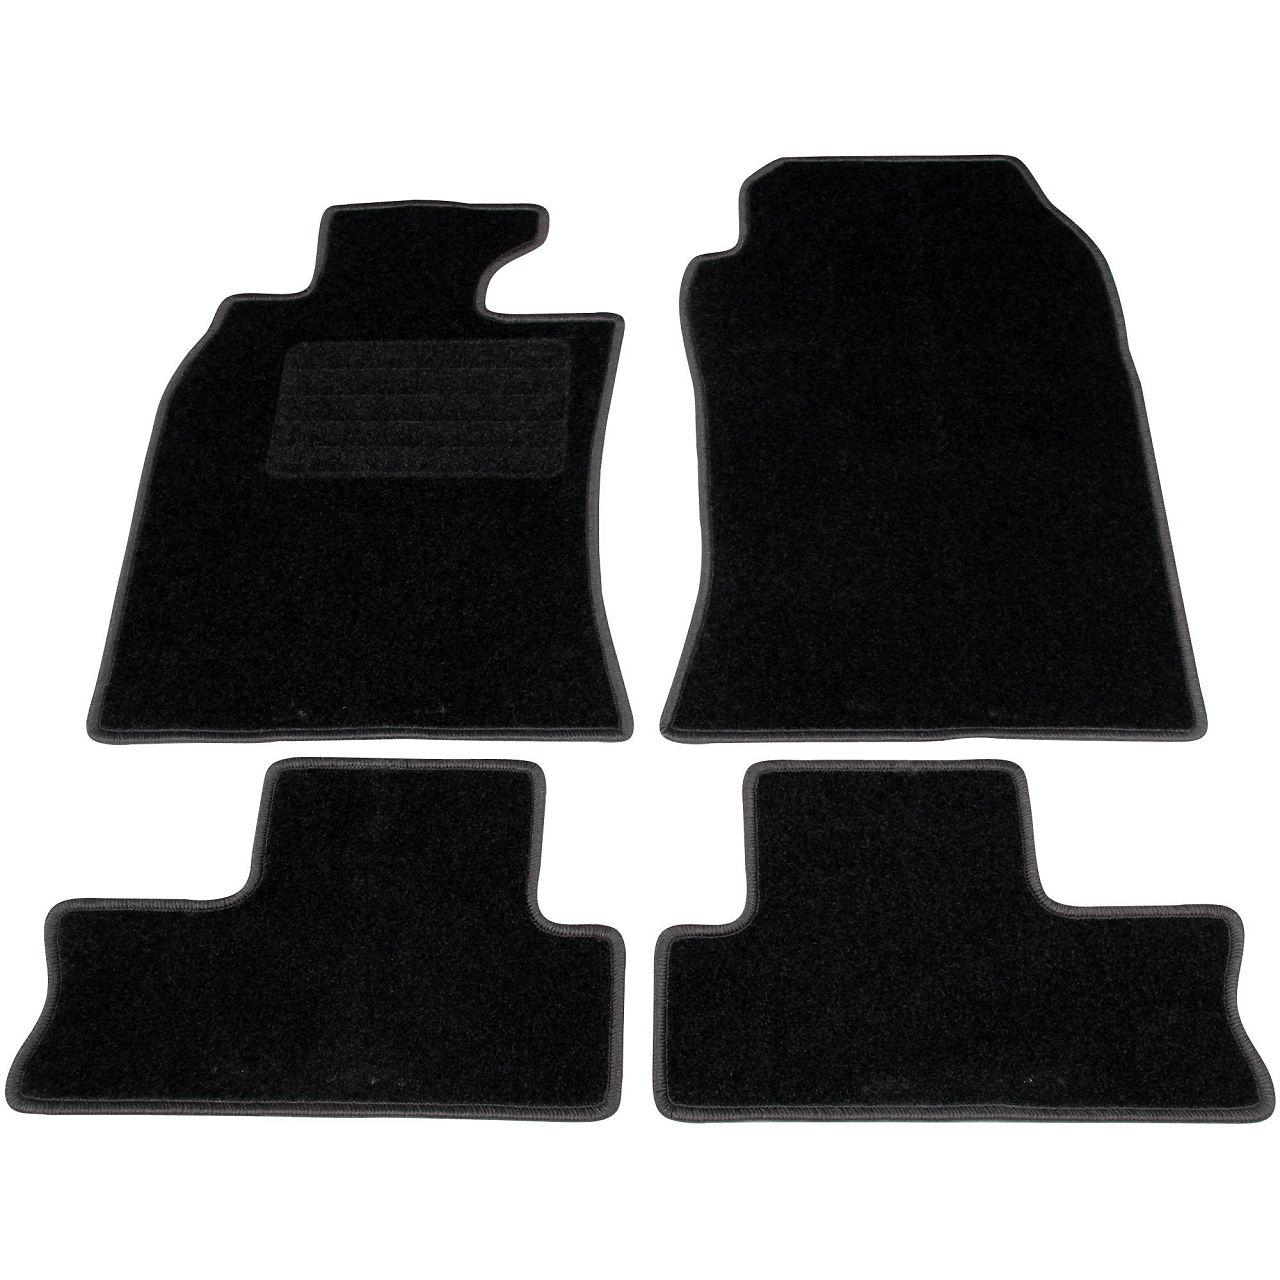 Veloursmatten Textilmatten Fußmatten MINI Cooper One R50 R53 ab 09.2003 4-tlg